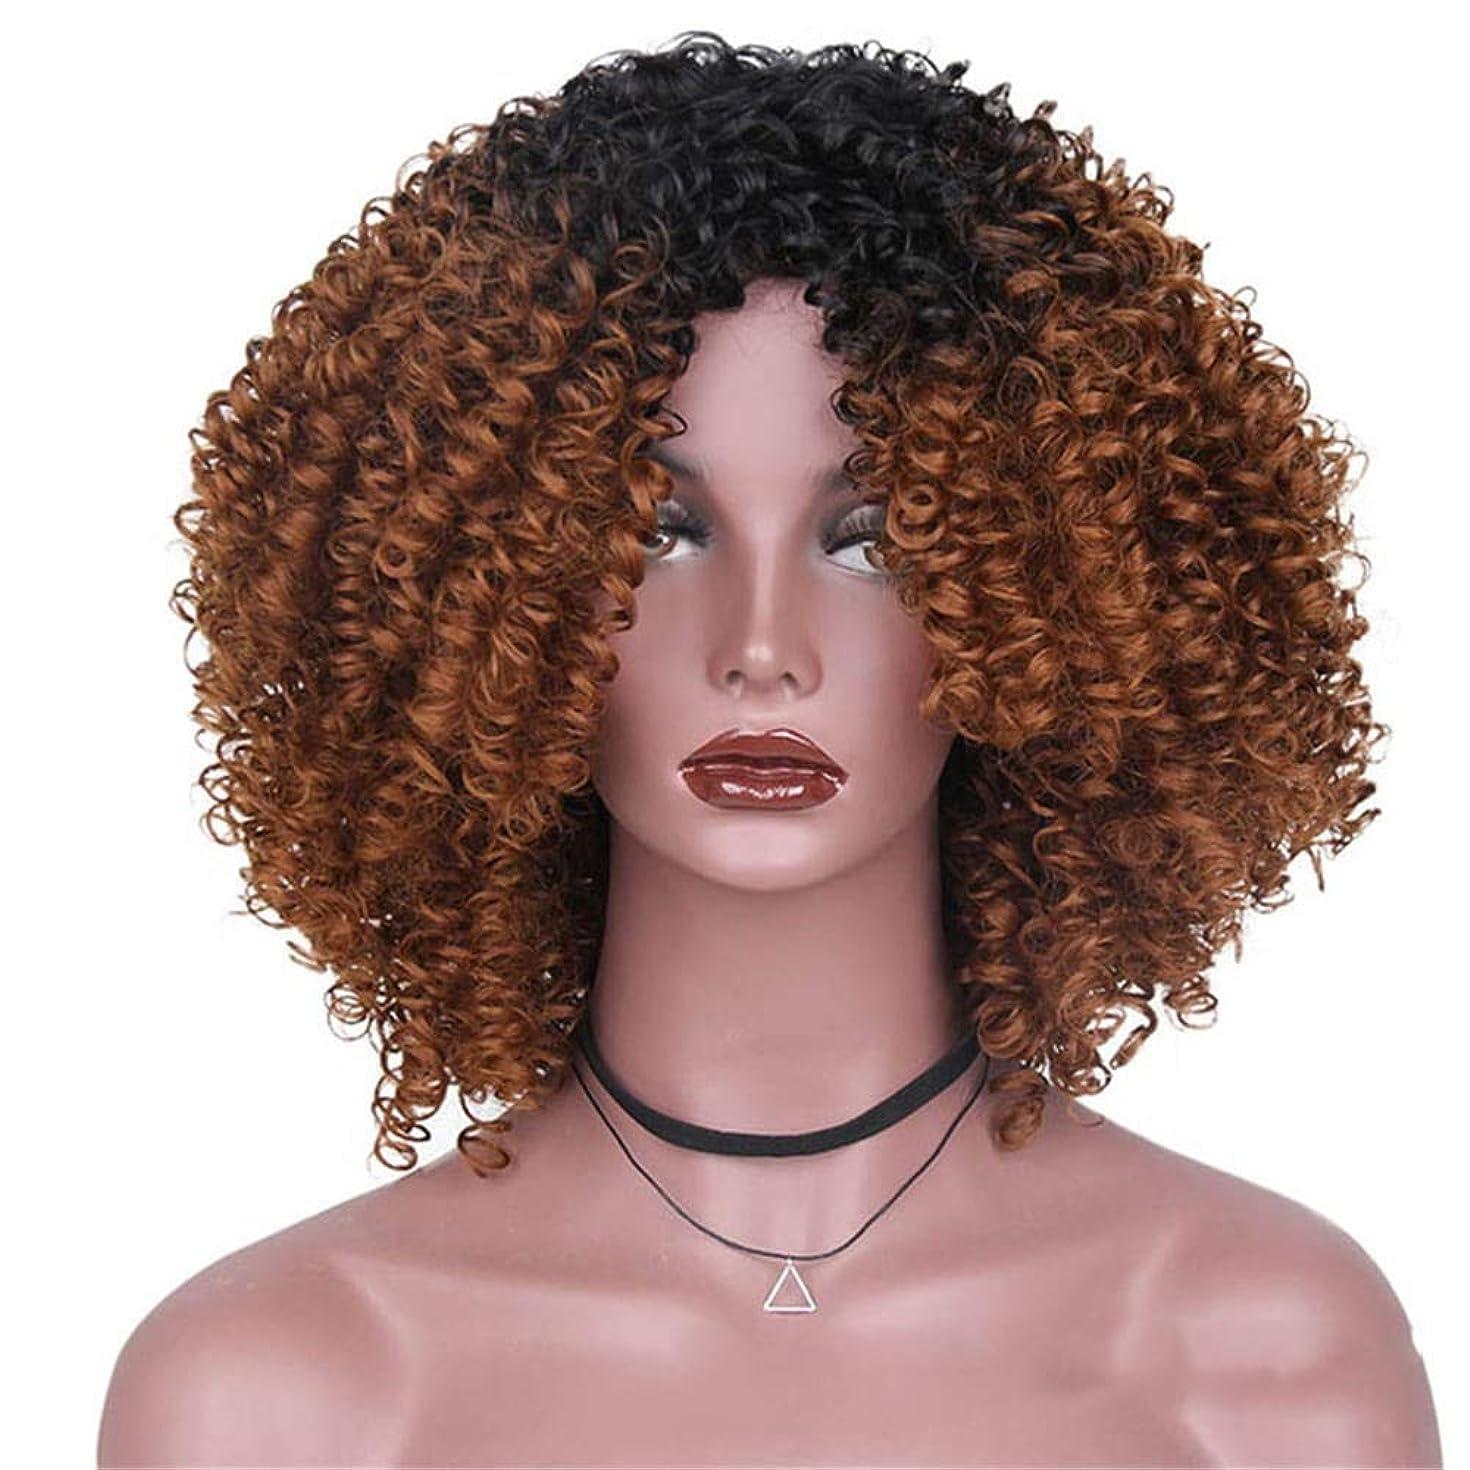 冷笑するセメント無力BOBIDYEE 14インチのアフリカの黒人女性のグラデーションカラー爆発ヘッドふわふわの小さな波の髪のかつらパーティーかつら (色 : C-1)